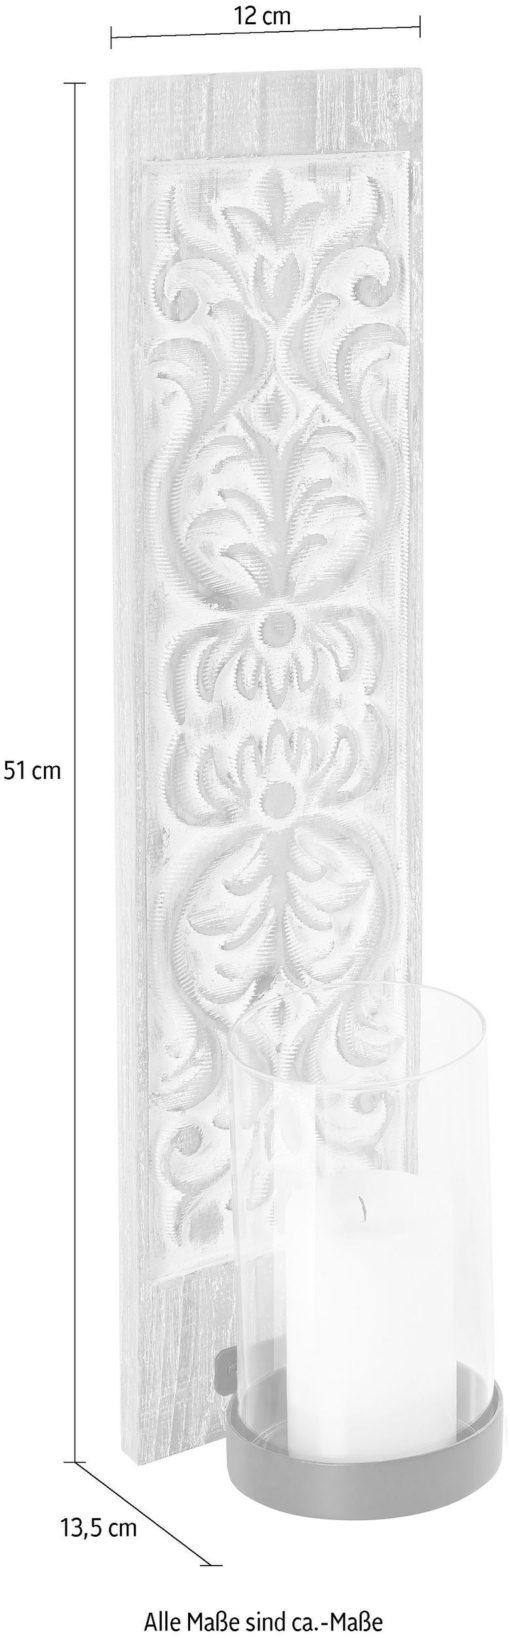 Świecznik ścienny z rzeźbioną powierzchnią - zestaw 2 sztuki